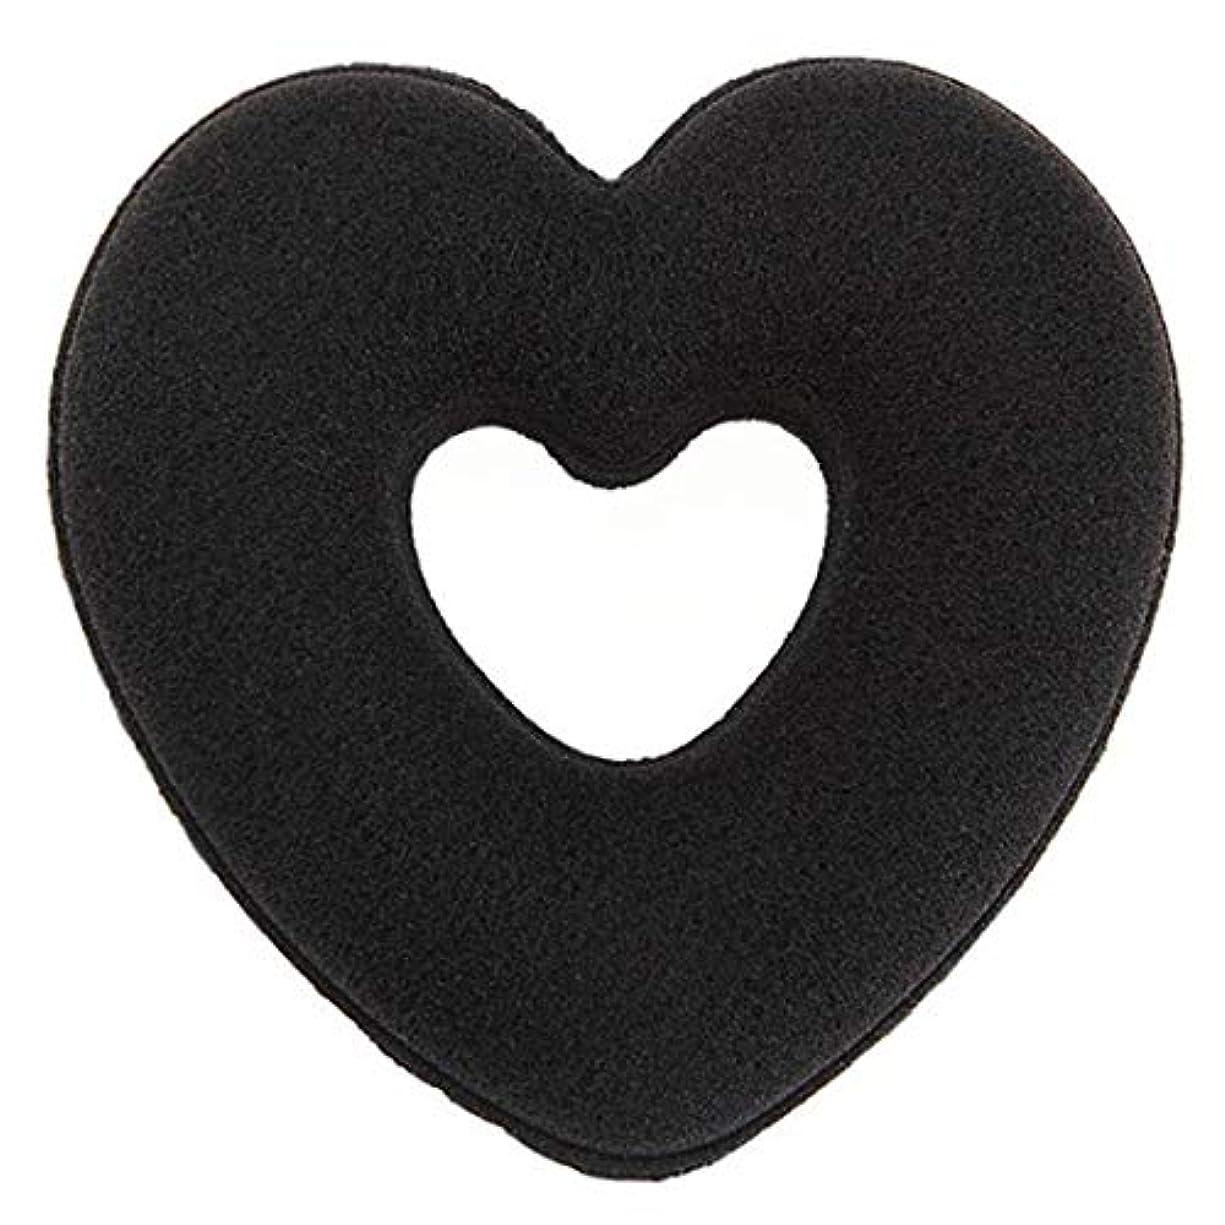 不愉快エコー管理しますSwiftgood 女性ヘアスタイリングアクセサリーハートドーナツバンラップヘアリングバドクリップセットヘアアップデータメーカーヘアバドクリップ